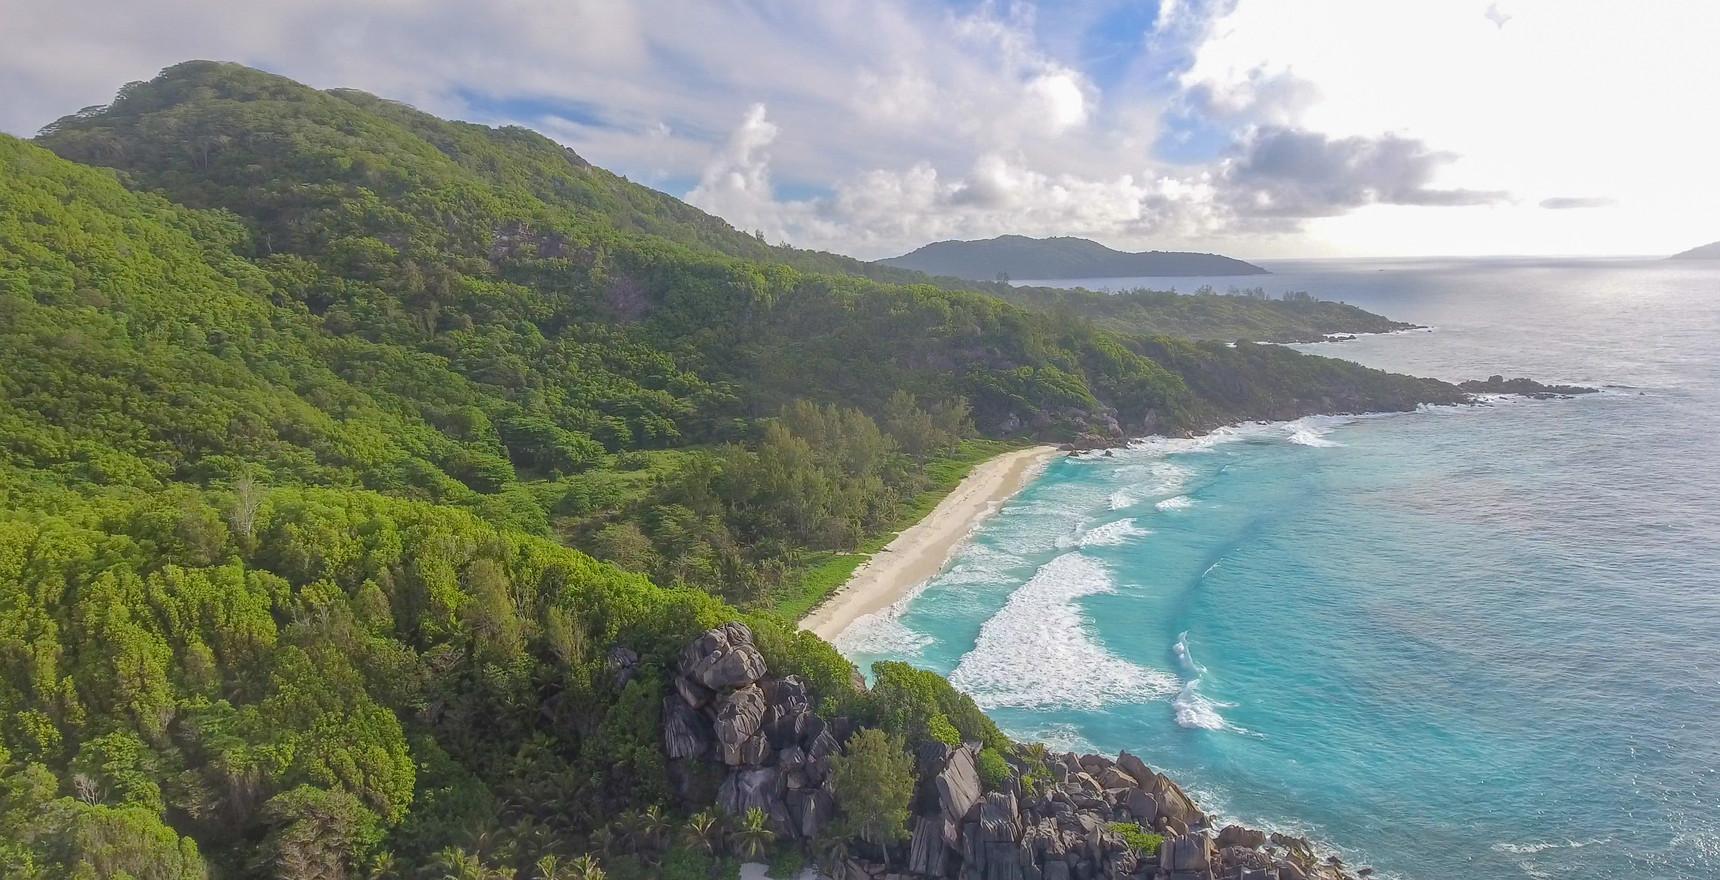 Aerial view of La Digue coastline, Seychelles